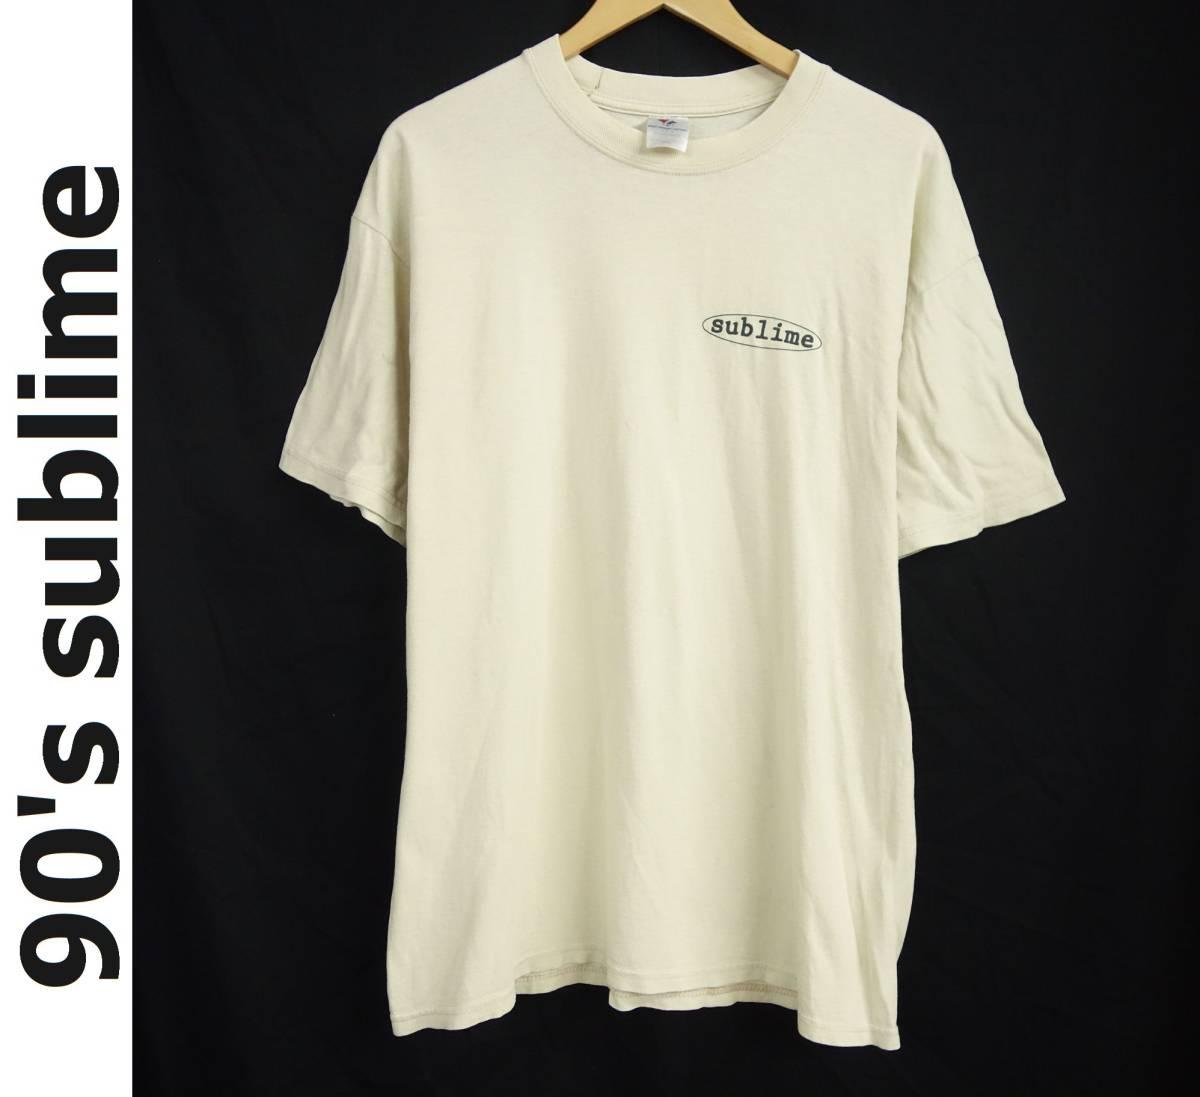 希少 90's sublime サブライム 40oz. to freedom Tシャツ L 入手困難 1stアルバム 90年代 ヴィンテージ